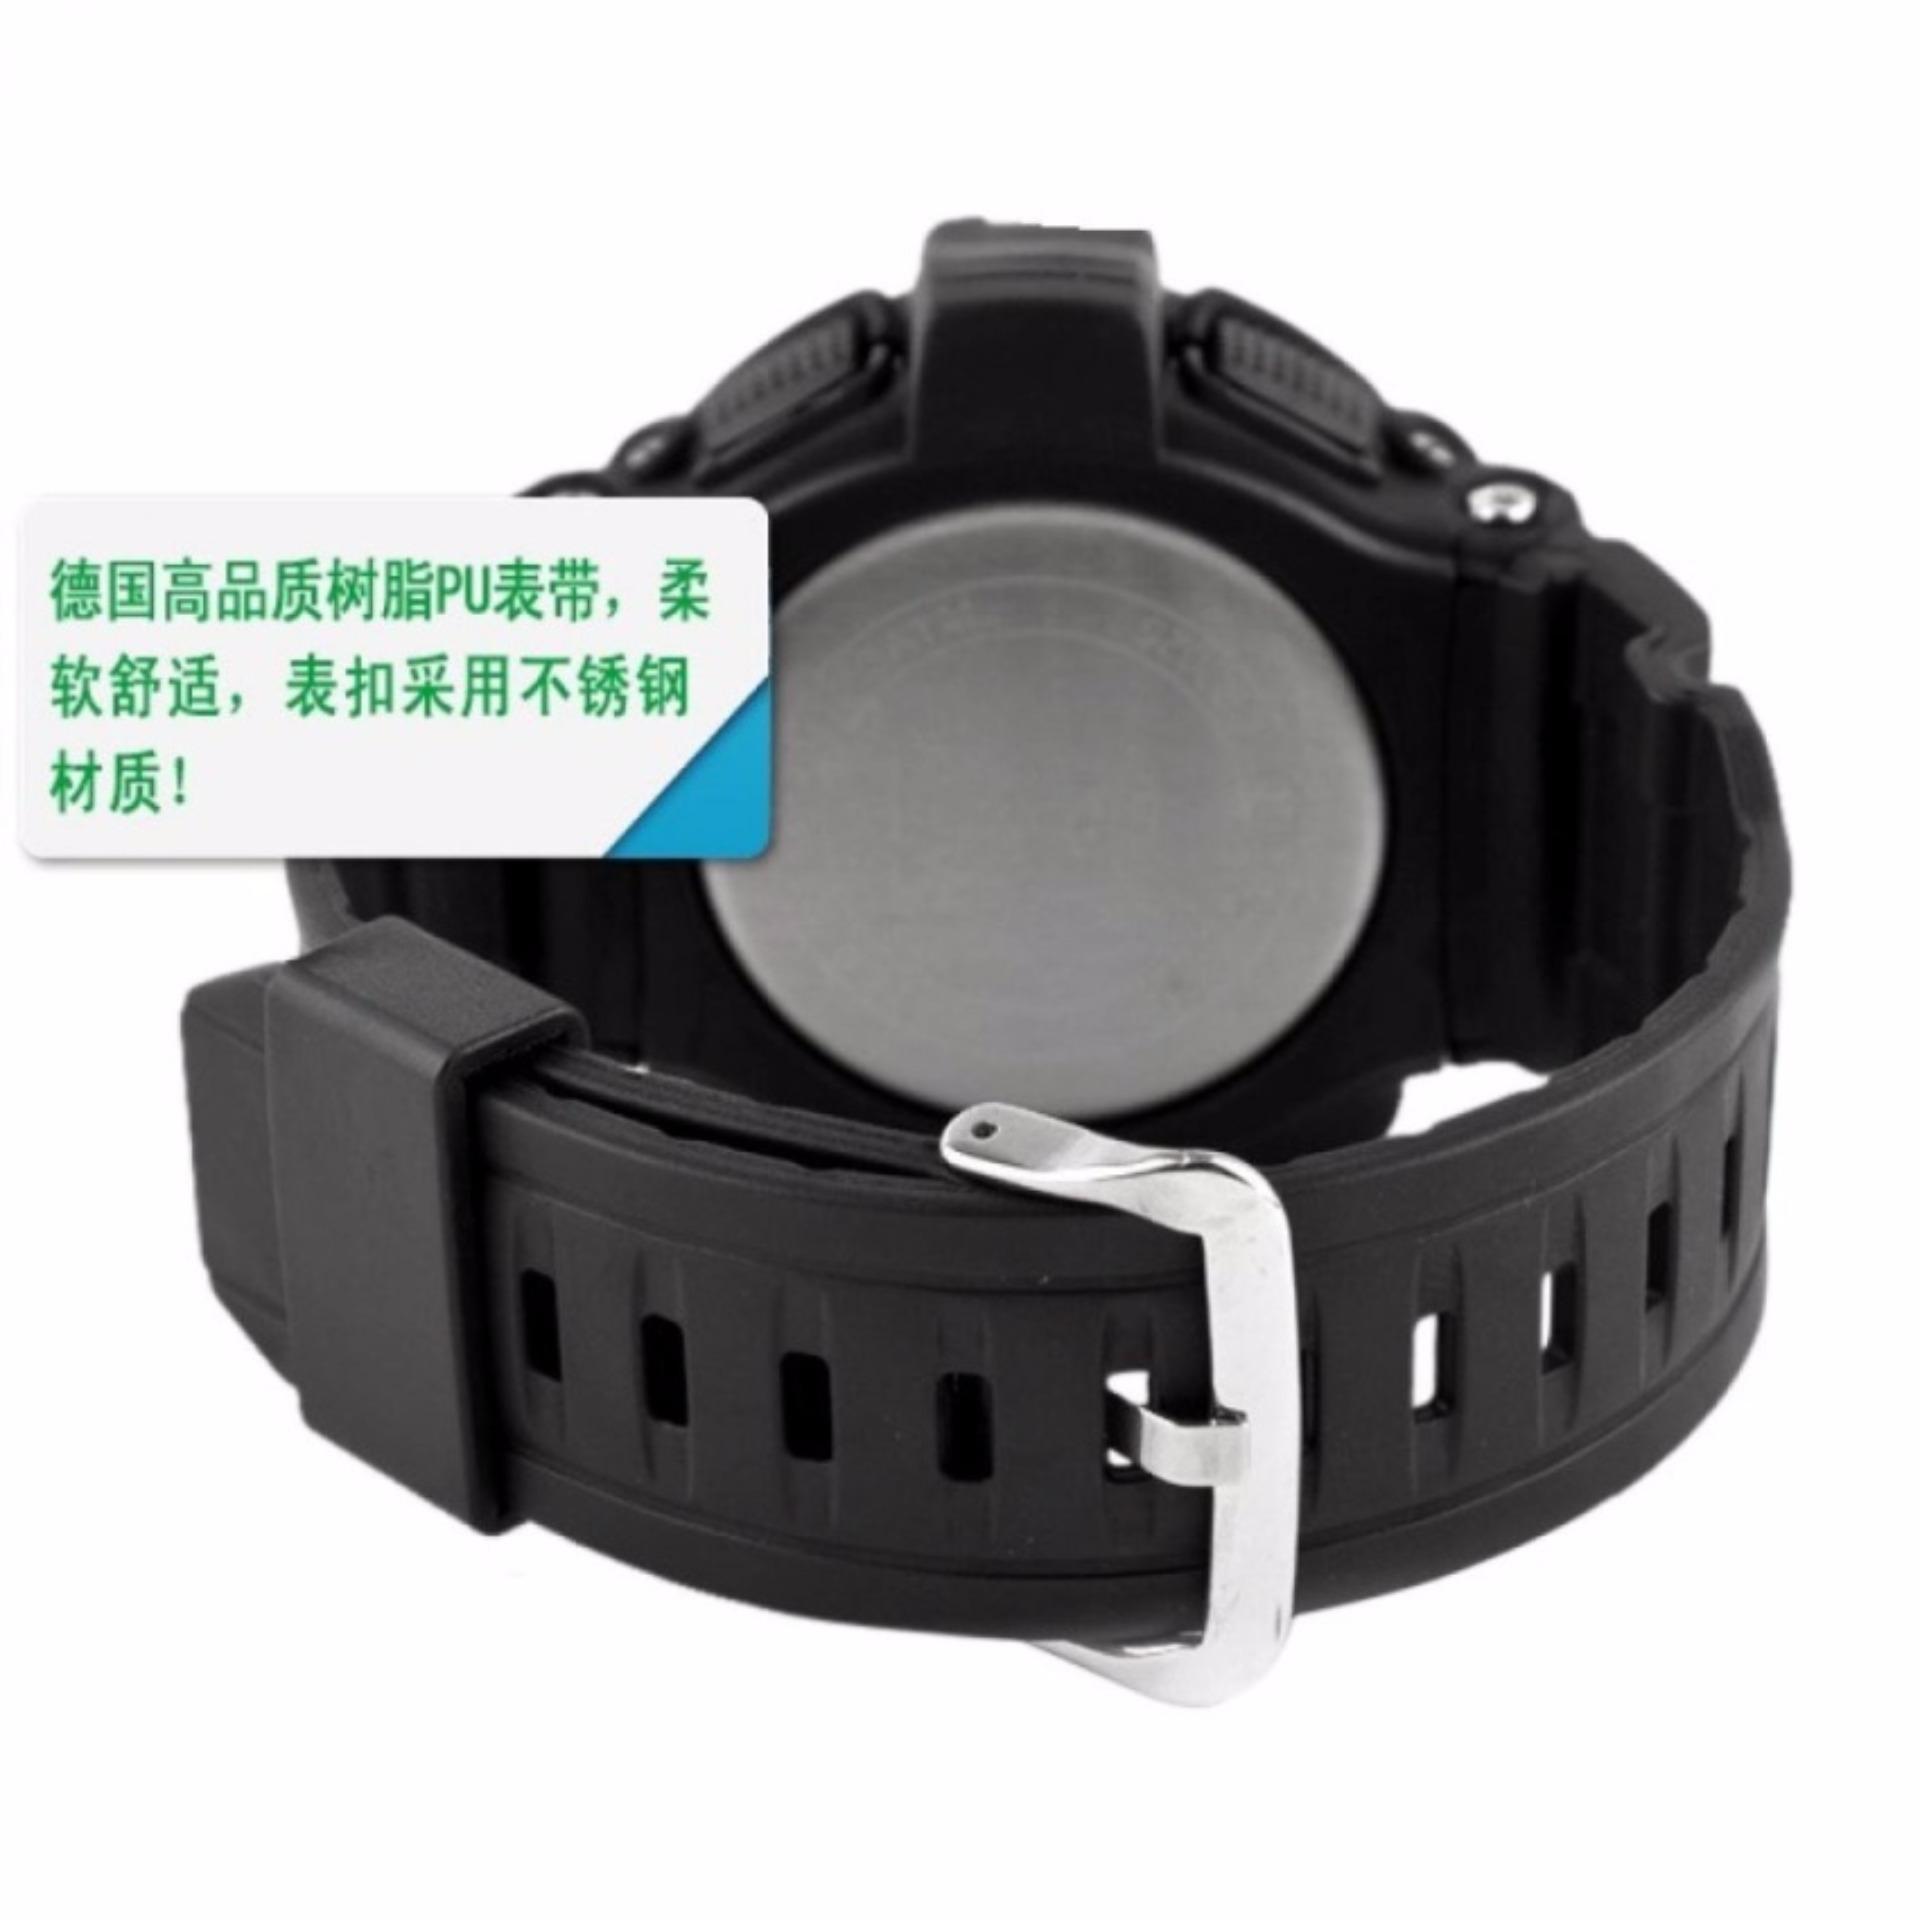 SKMEI Sport Men LED Watch Anti Air Water Resistant WR 50m DG0907 Jam Tangan Pria Tali